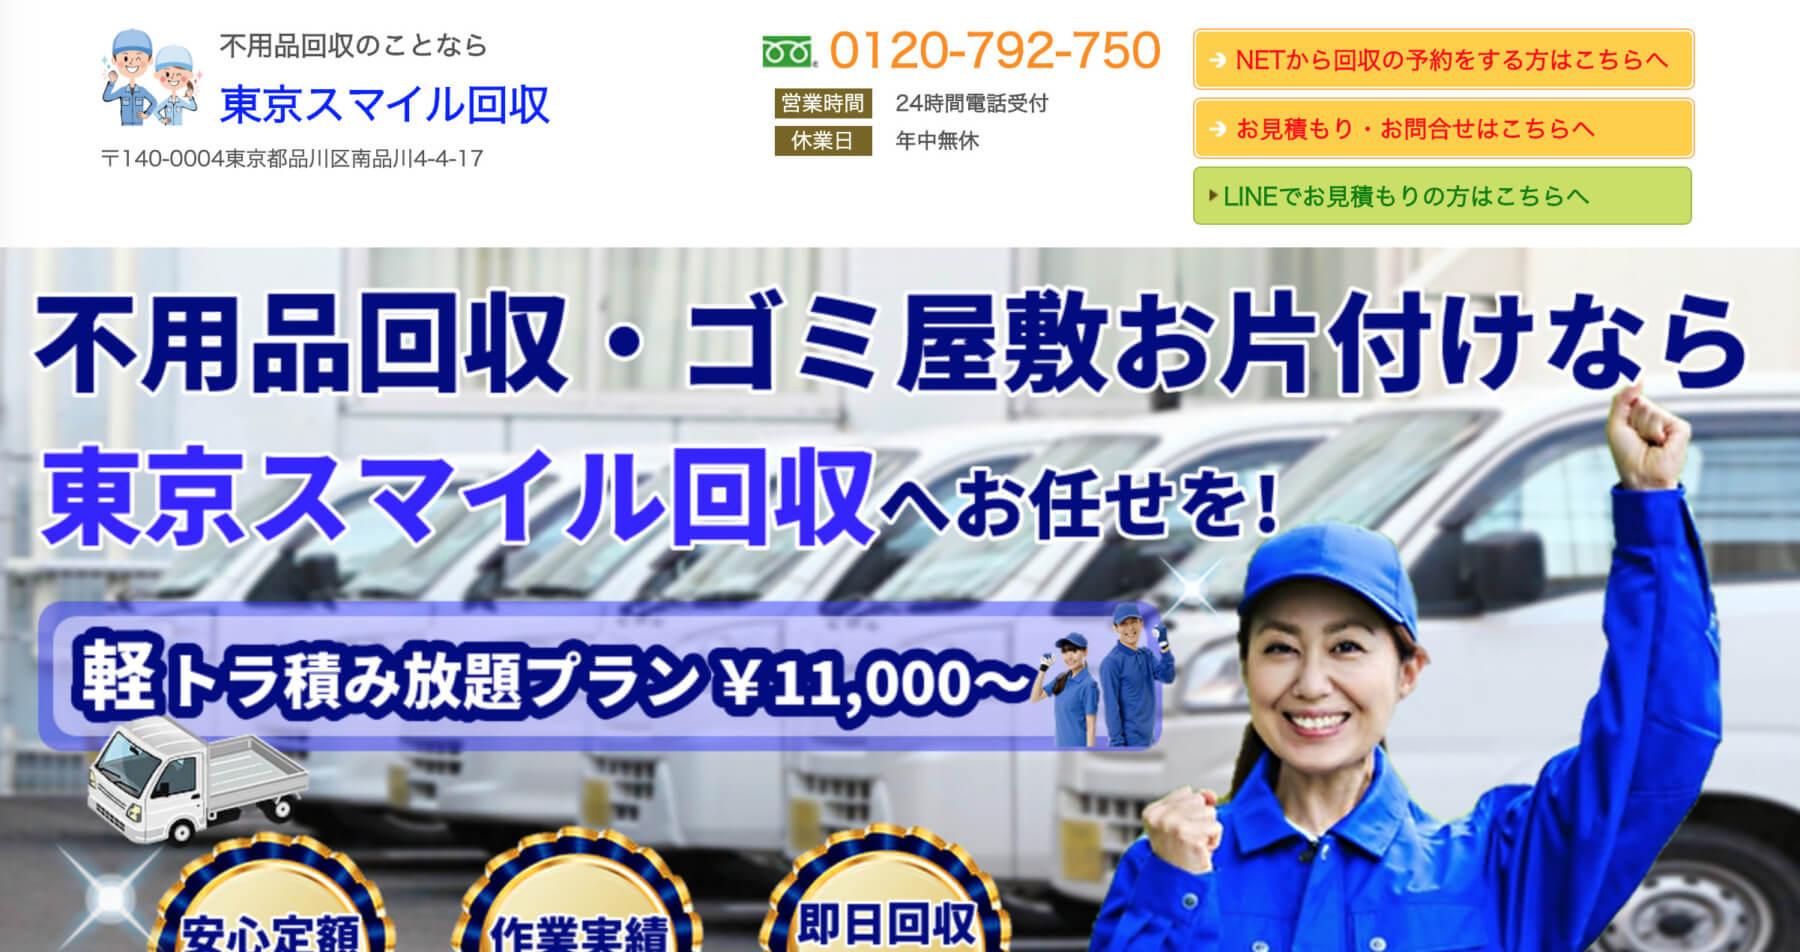 東京スマイル回収